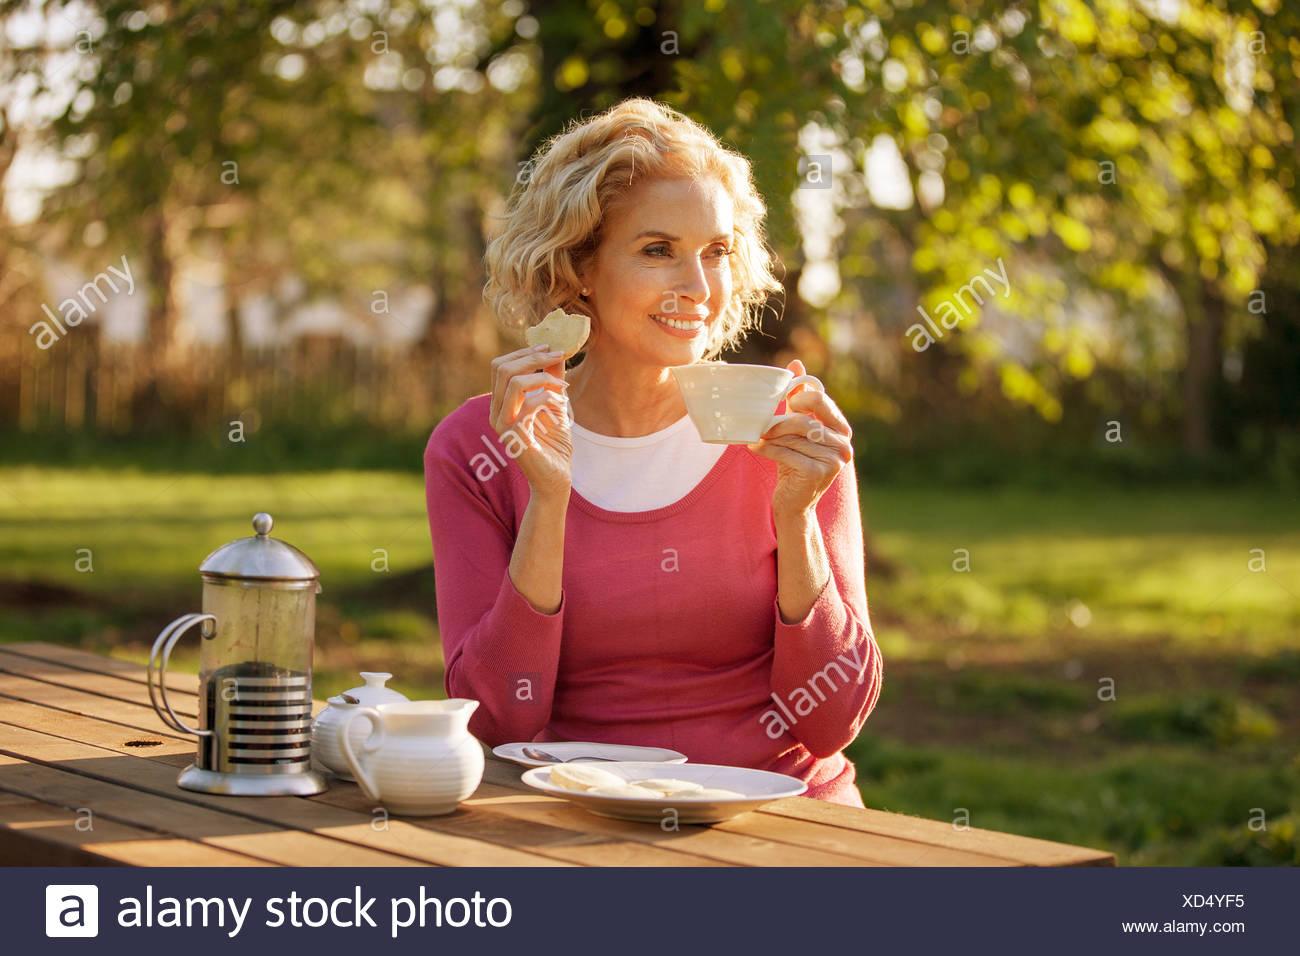 Eine reife Frau mit Kaffee und Gebäck in einem Garten Stockbild